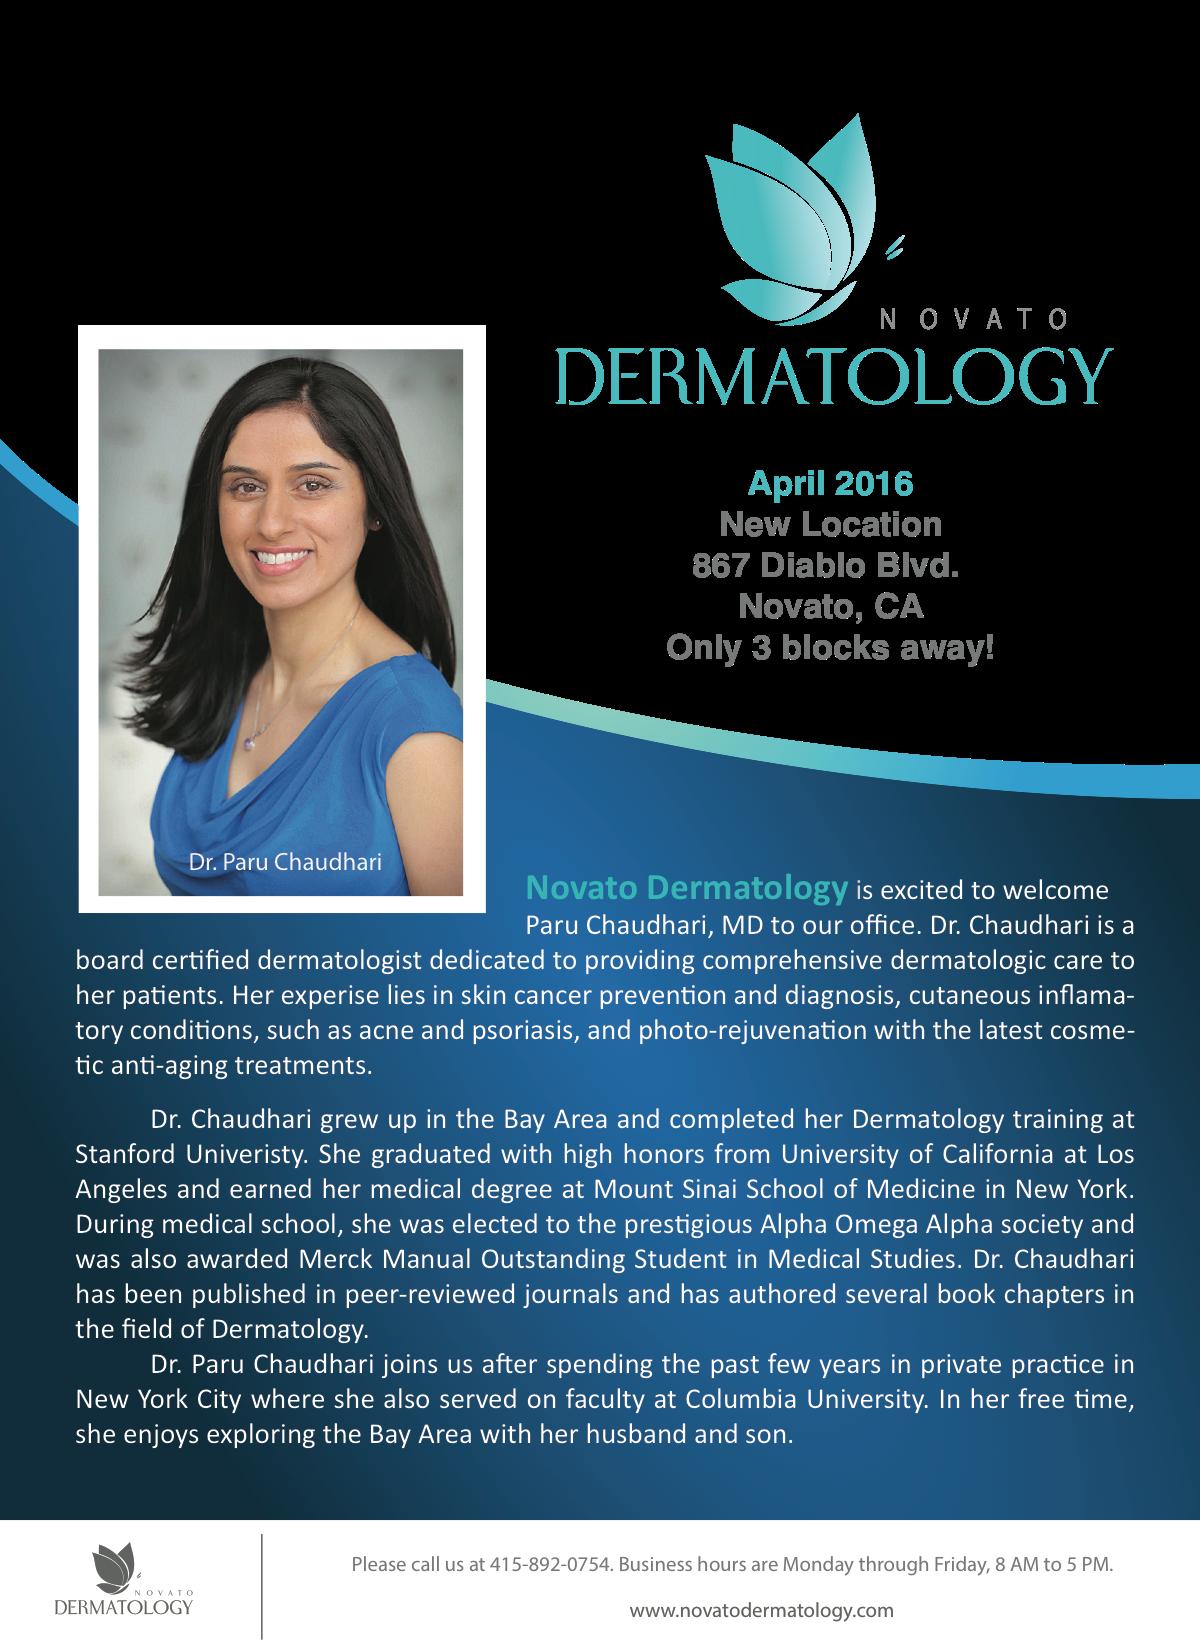 Novato Dermatology